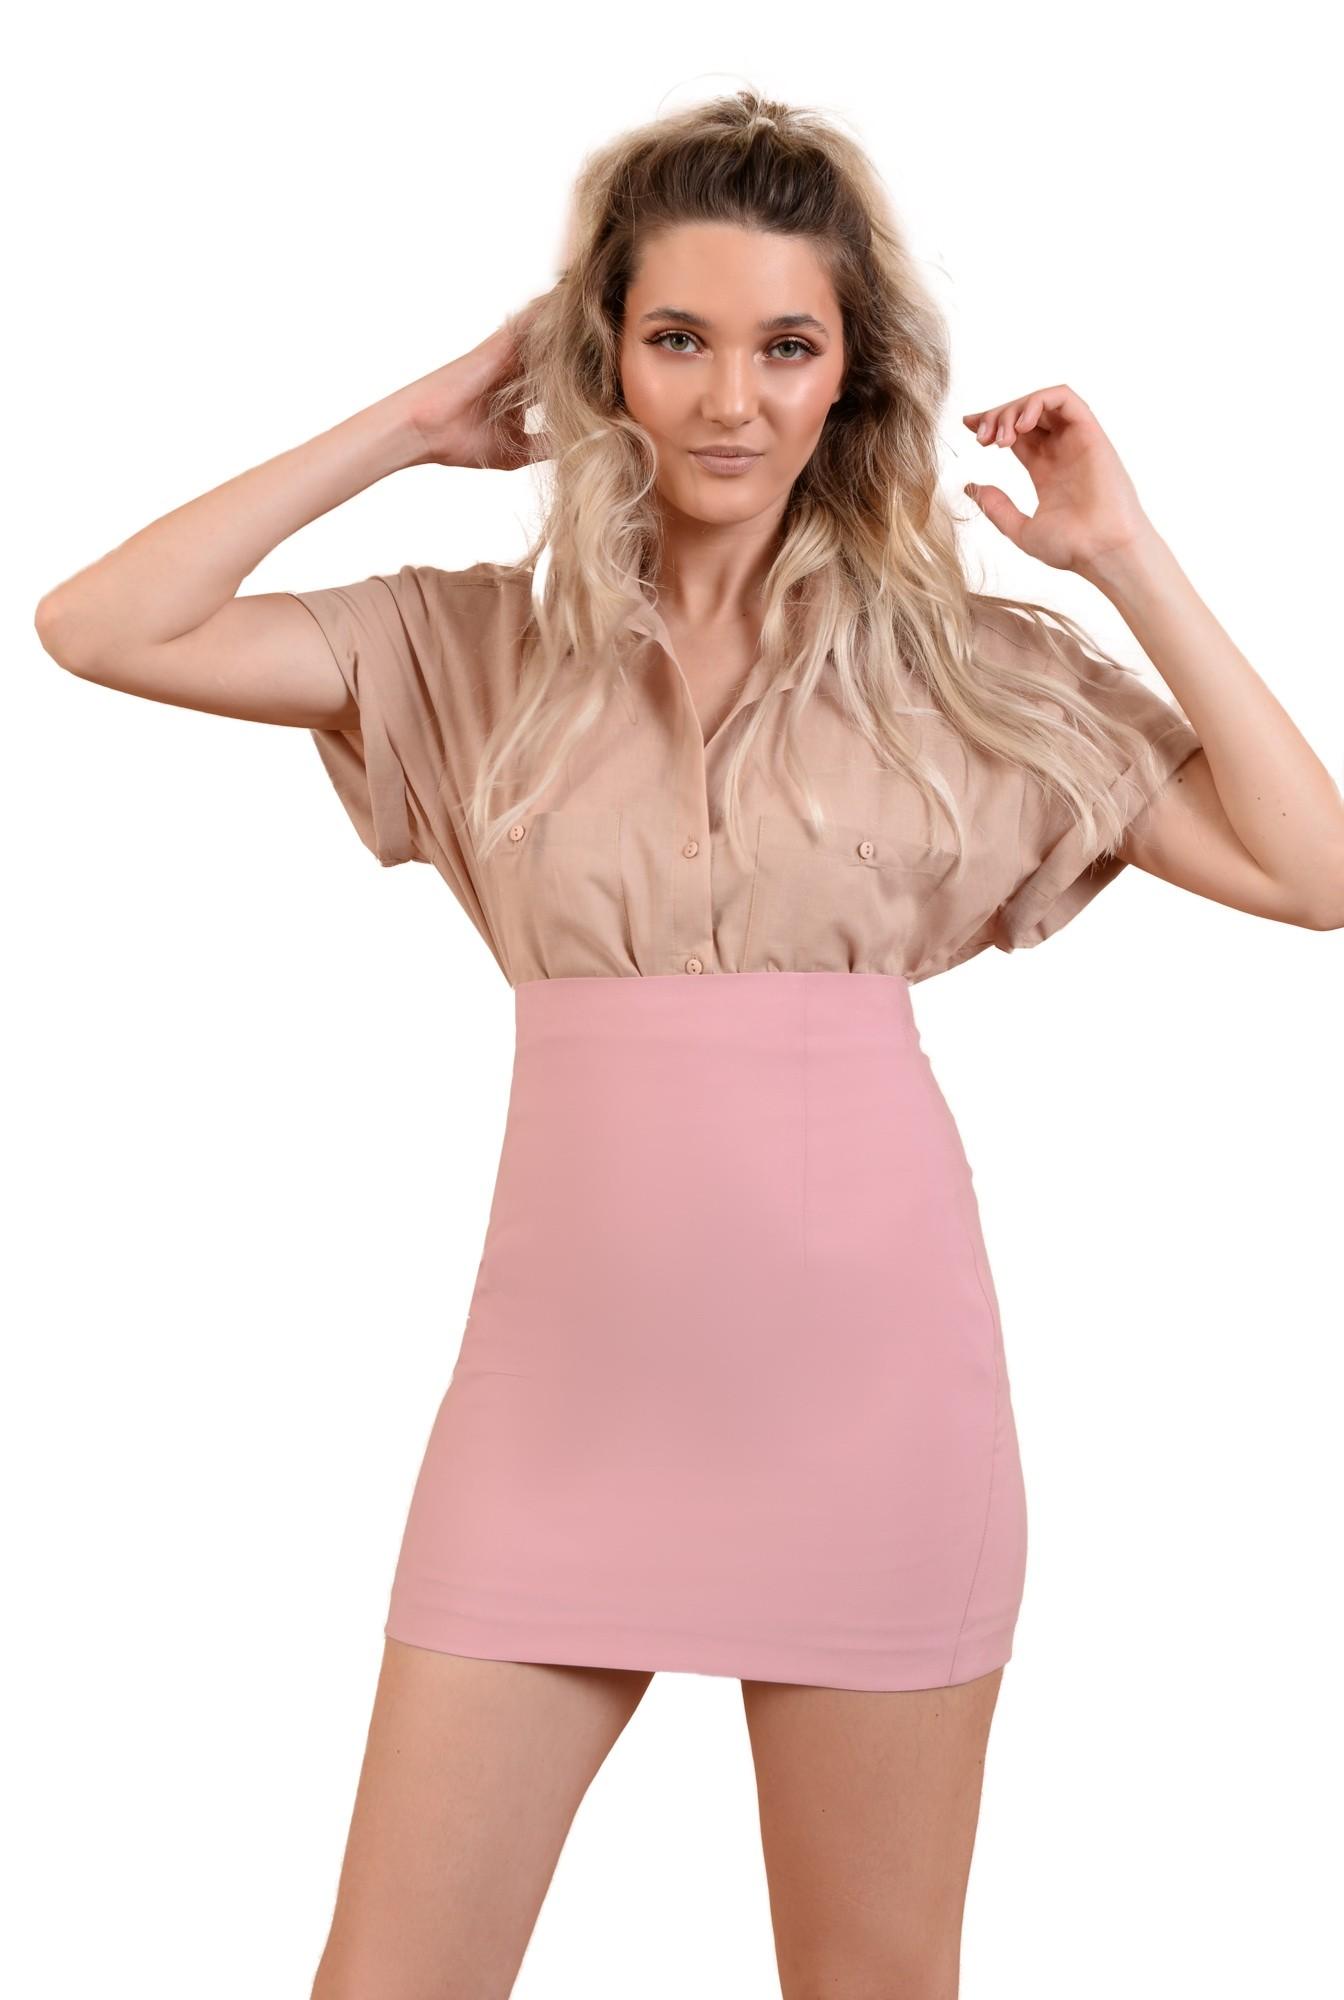 fusta mini, roz, talie inalta, croi ajustat